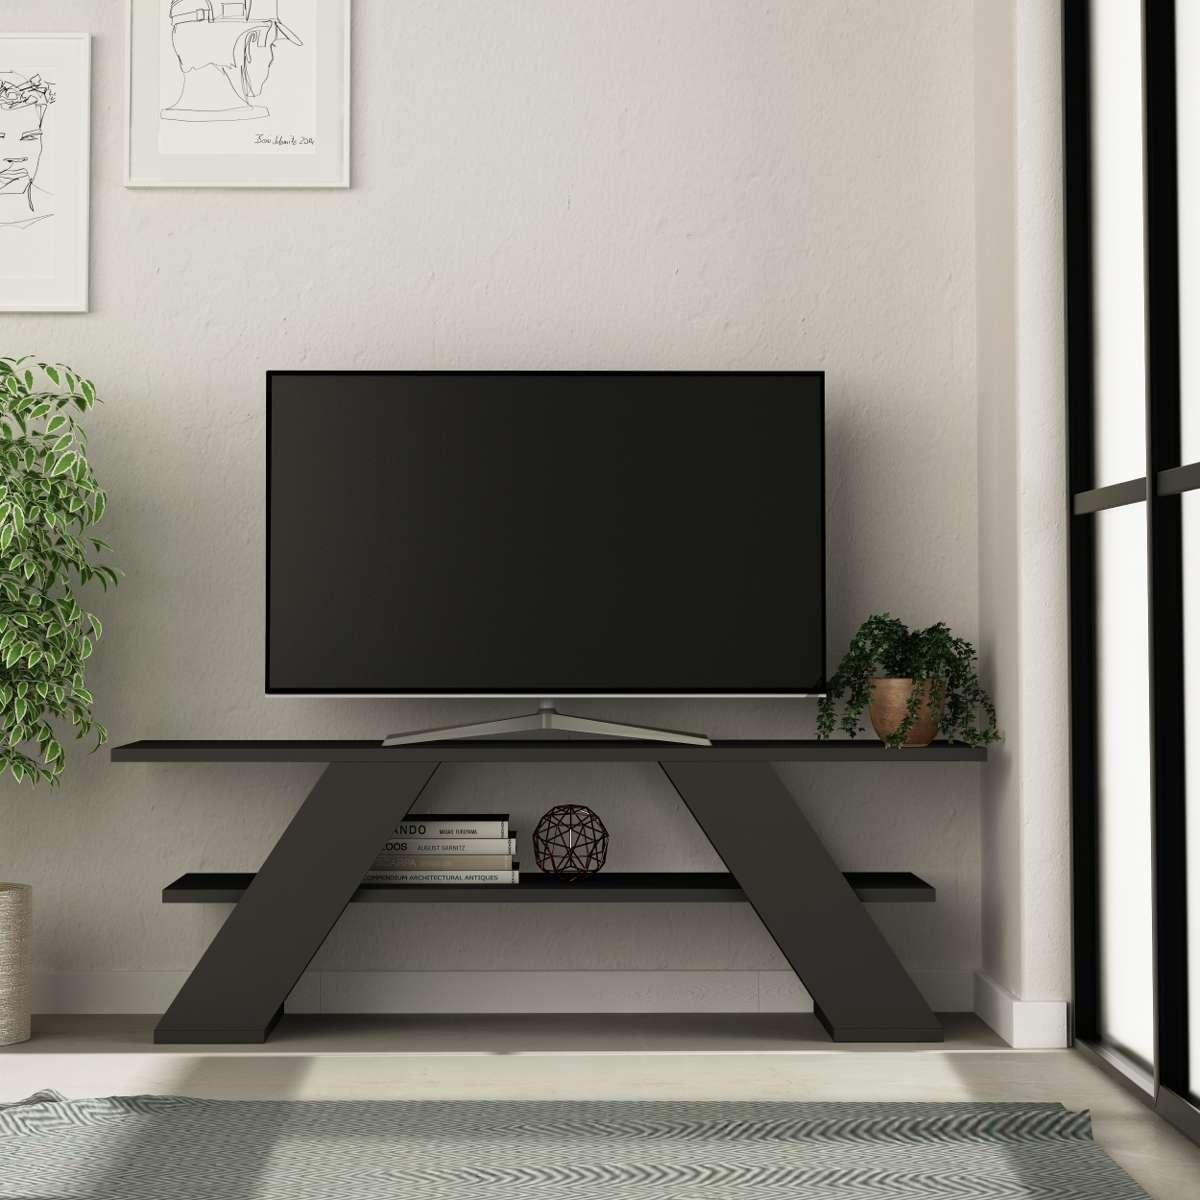 מזנון טלוויזיה Farfalla אפור 120ס